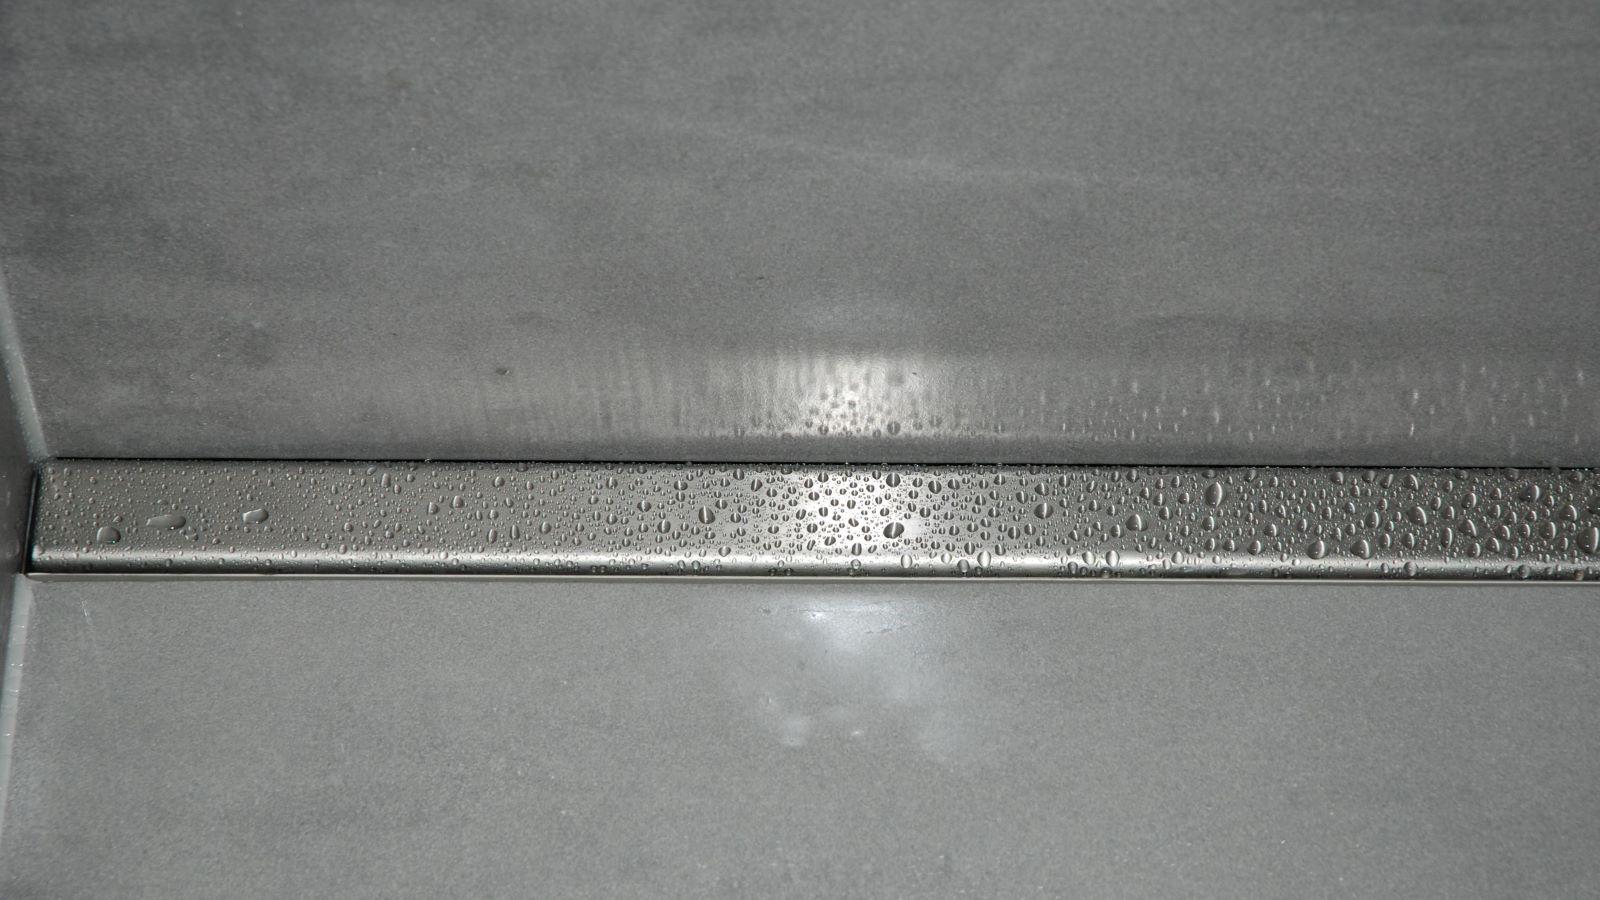 Auf dem foto ist die v4a edelstahl-duschrinne pro in einer reihendusche als wandbuendiger bodenablauf montiert. Zu sehen ist die dezente abdeckung der schmalen duschrinne aus gebuerstetem v4a edelstahl. Die hochwertige duschrinne sorgt fuer eine sehr gute duschentwaesserung in der reihendusche, die barrierefrei mit nur einer gefaellerichtung realisiert wurde.